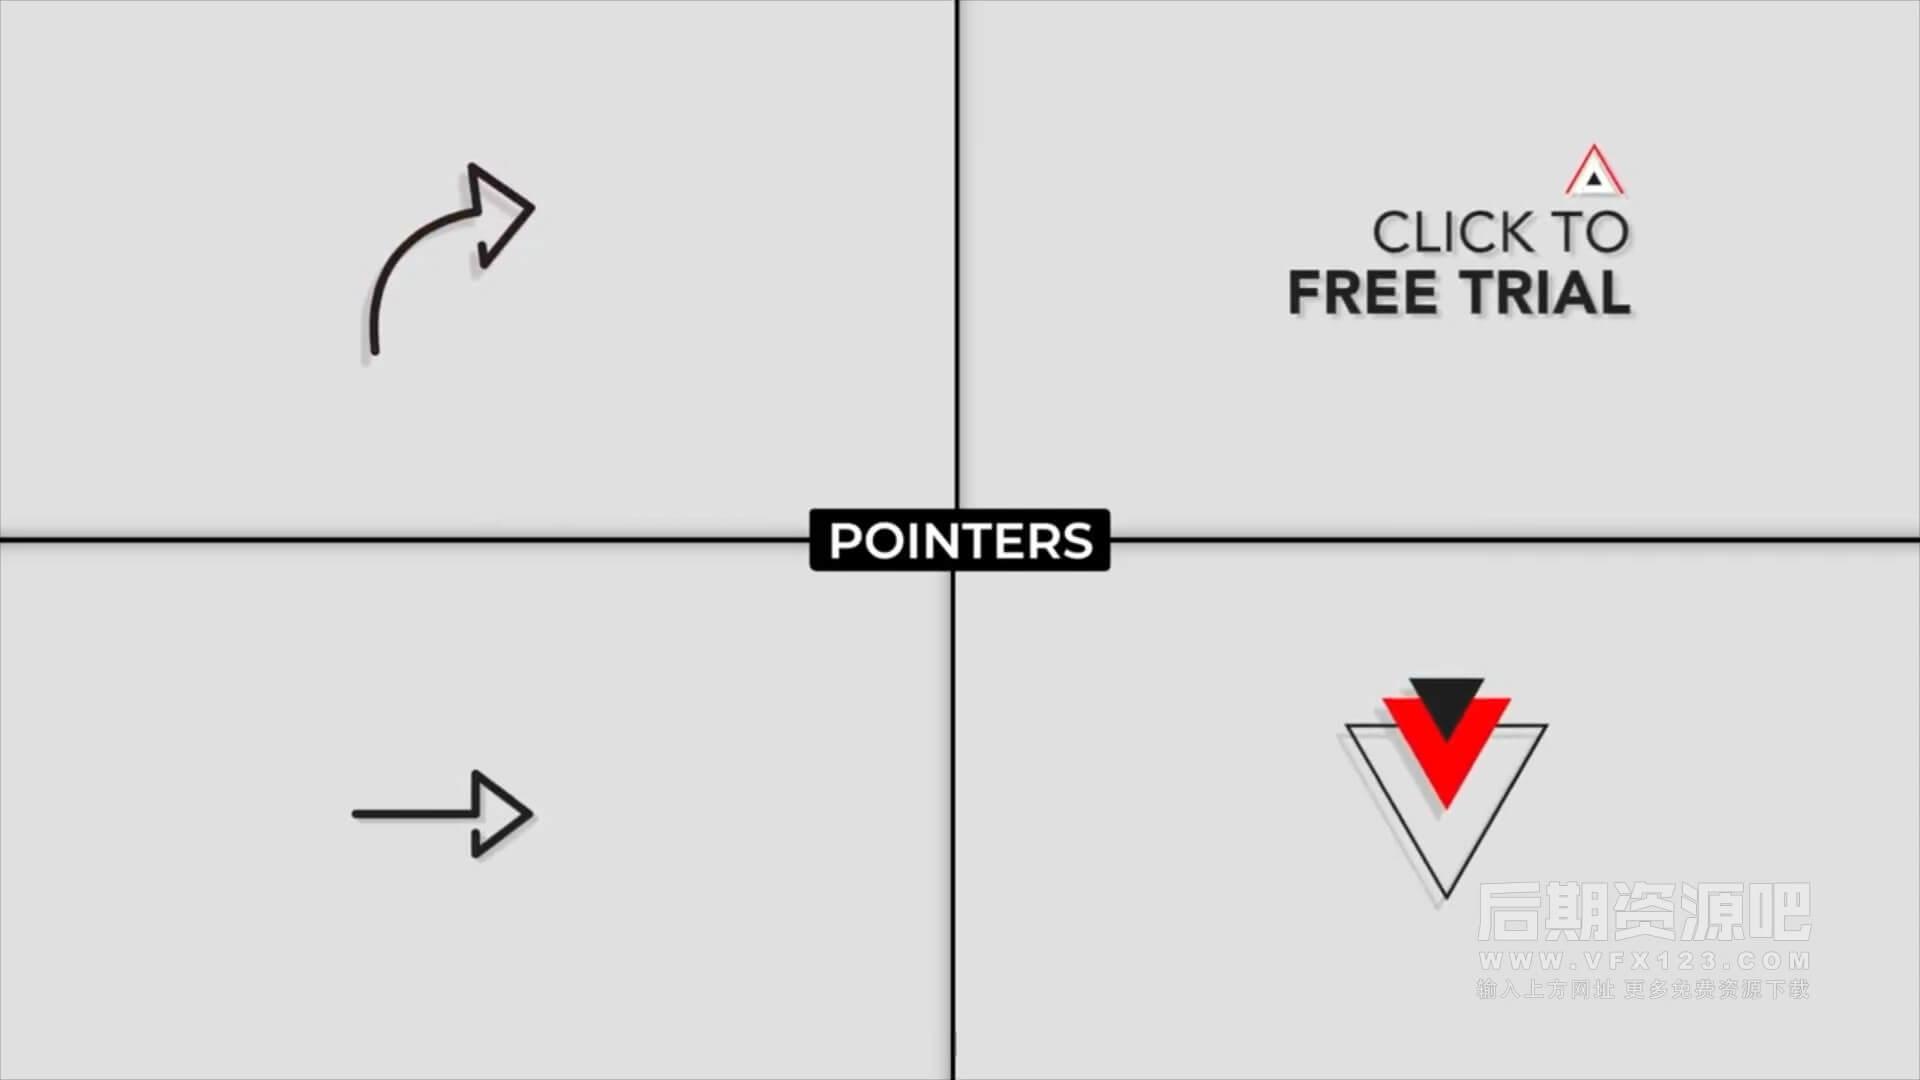 fcpx插件 自媒体短视频博主影片制作工具包 第六季 喜欢订阅标题转场字幕条片尾等